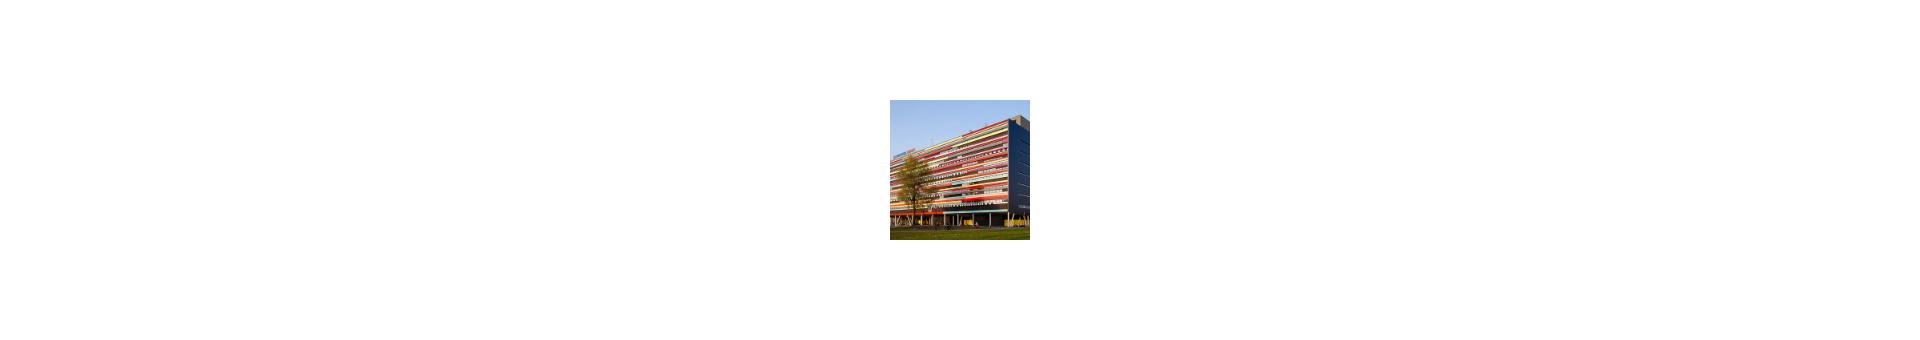 乌特列支应用技术大学